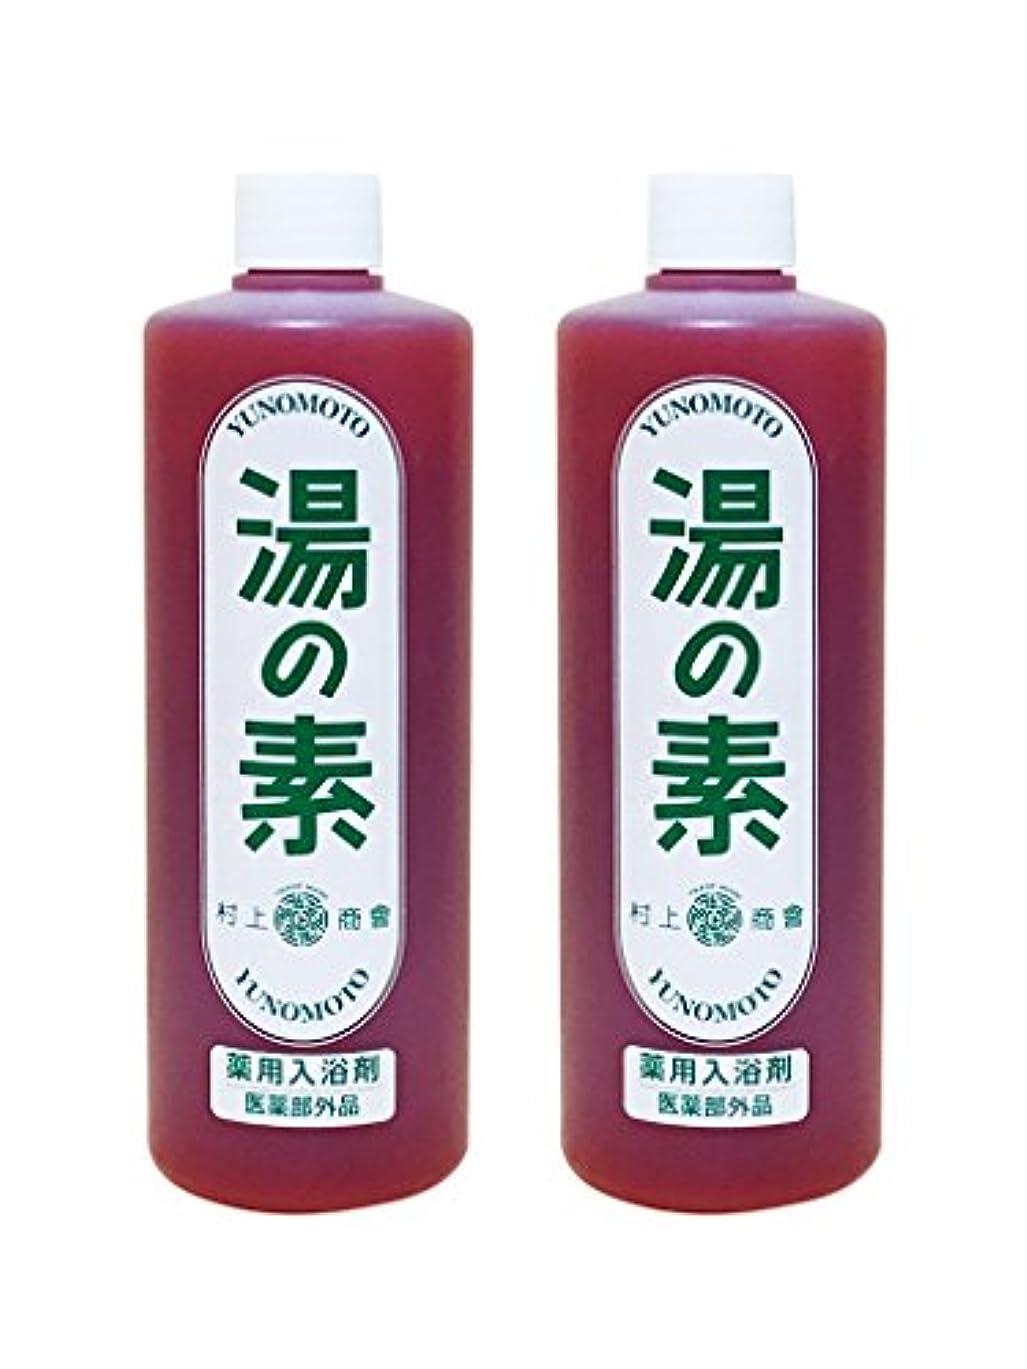 幸福誠実さハーフ硫黄乳白色湯 湯の素 薬用入浴剤 (医薬部外品) 490g 2本セット